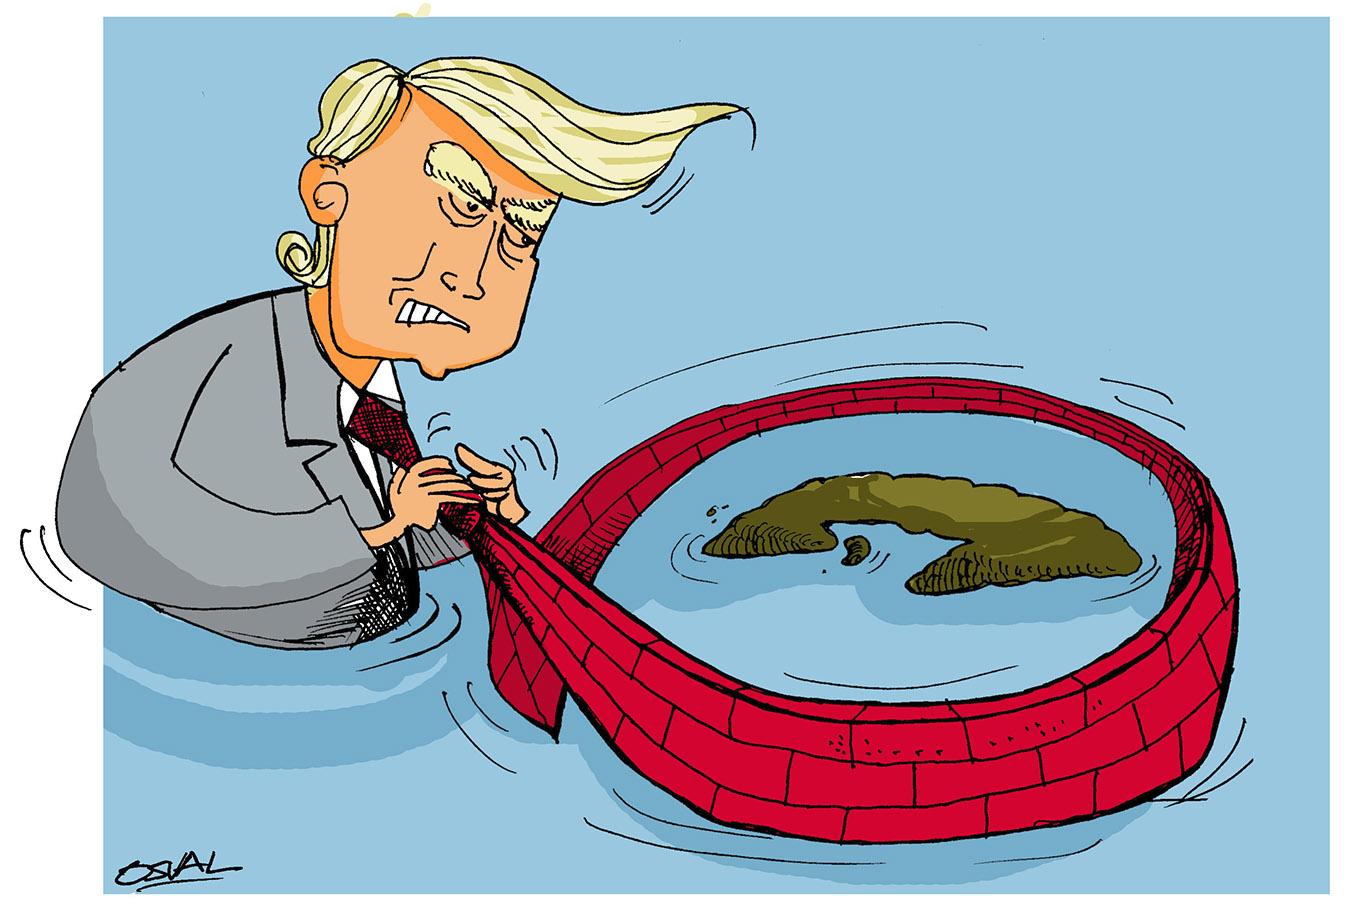 Bloqueo de EE.UU. viola DD.HH., afirma presidente de Cuba